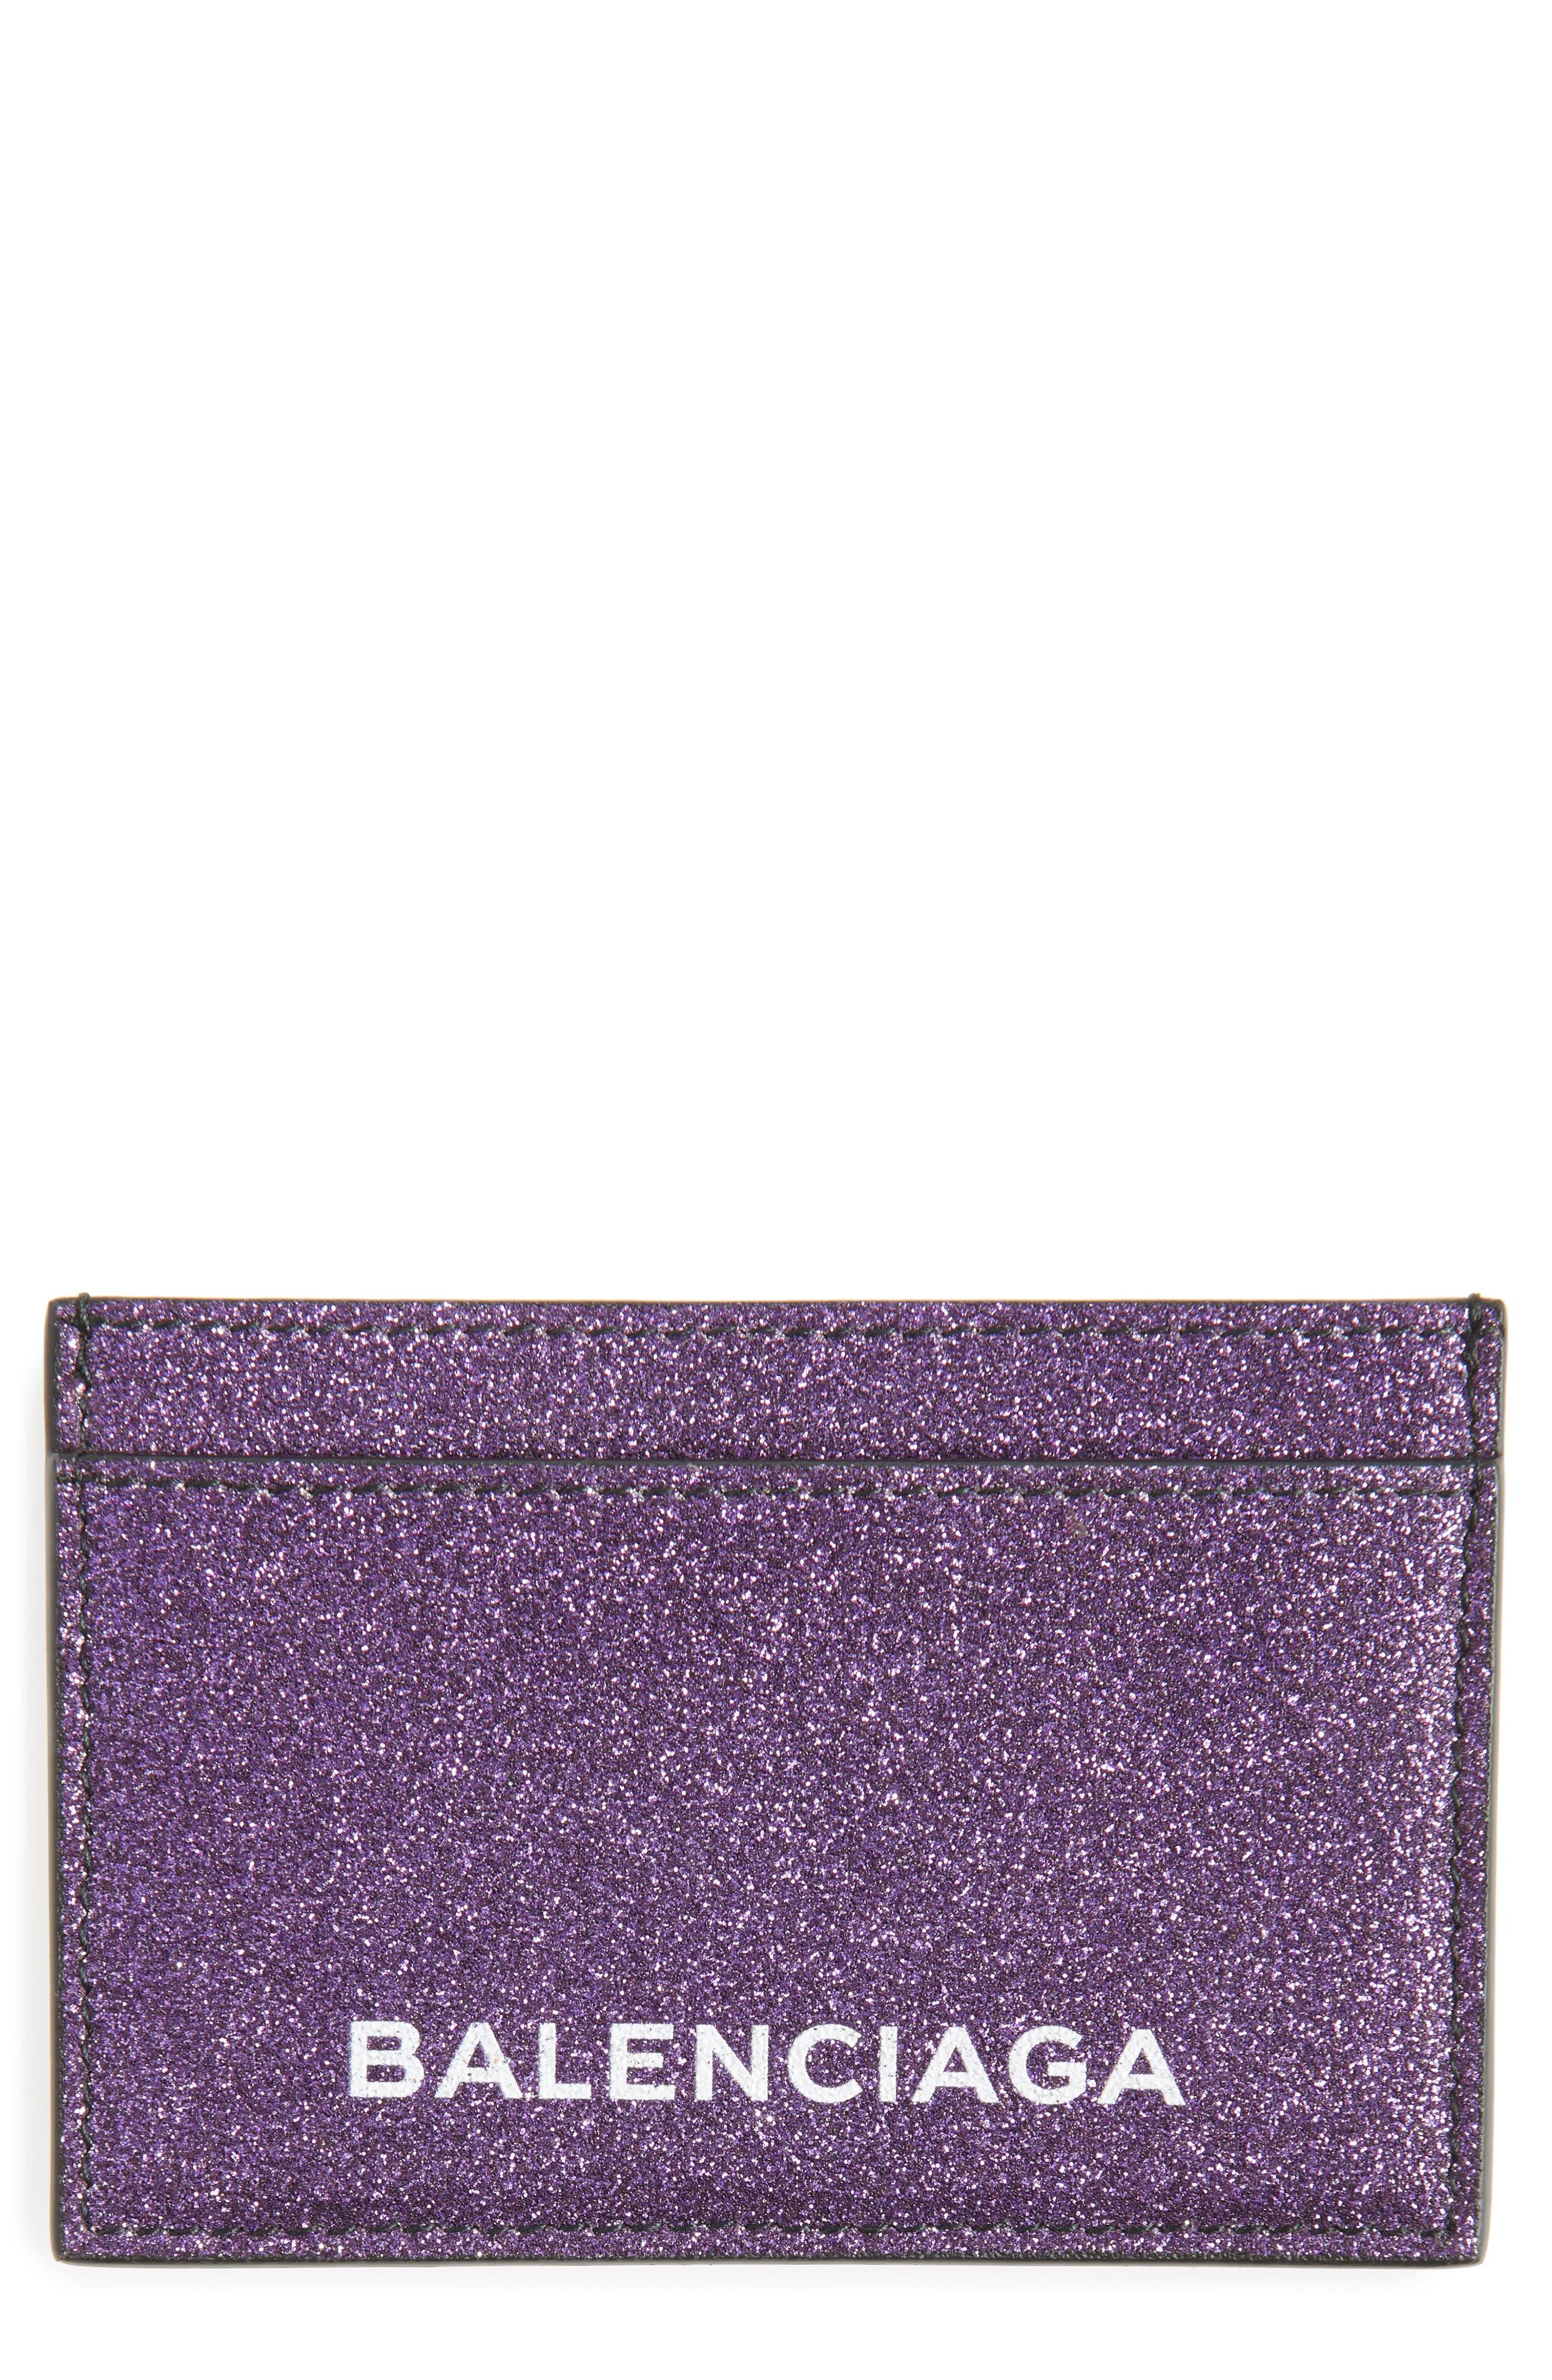 Alternate Image 1 Selected - Balenciaga Essential Sparkle Logo Card Case